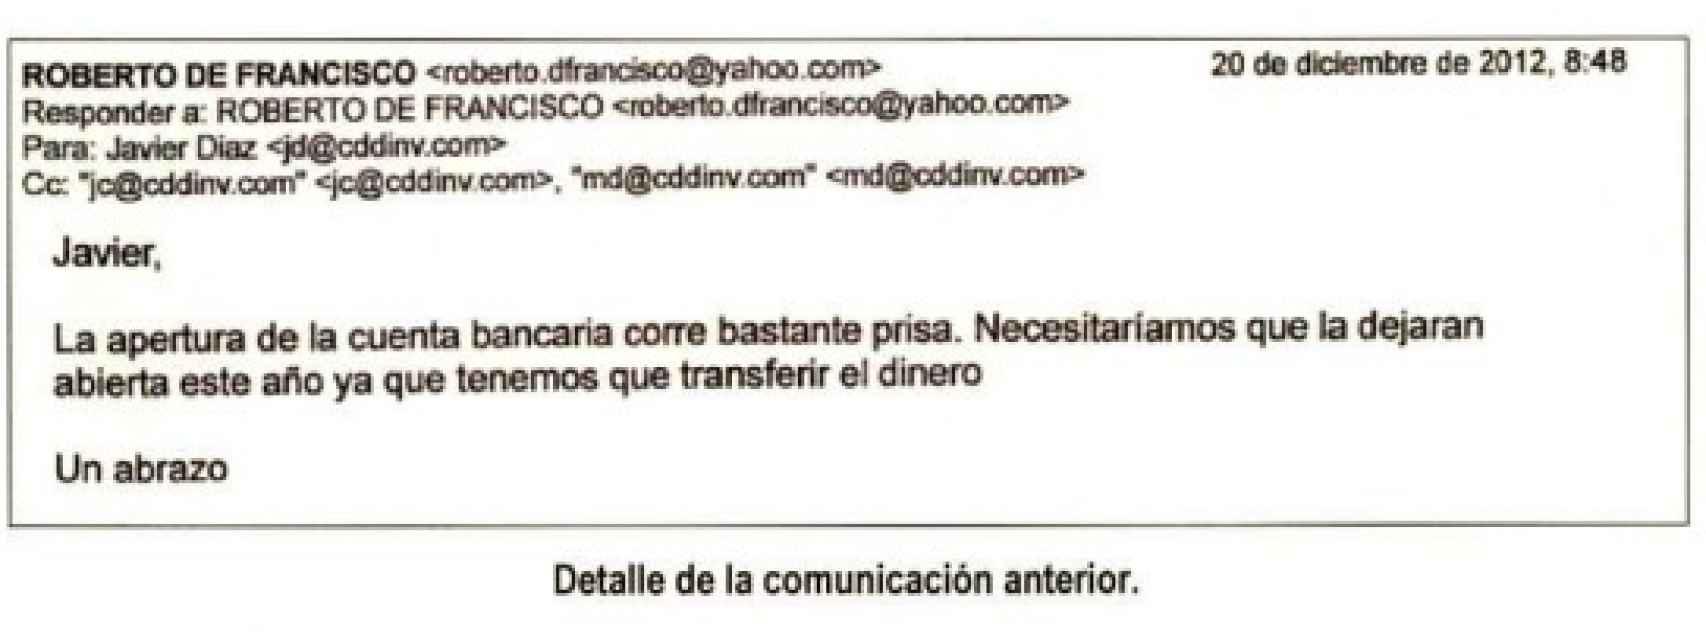 Correo electrónico de los gestores de Marjaliza.